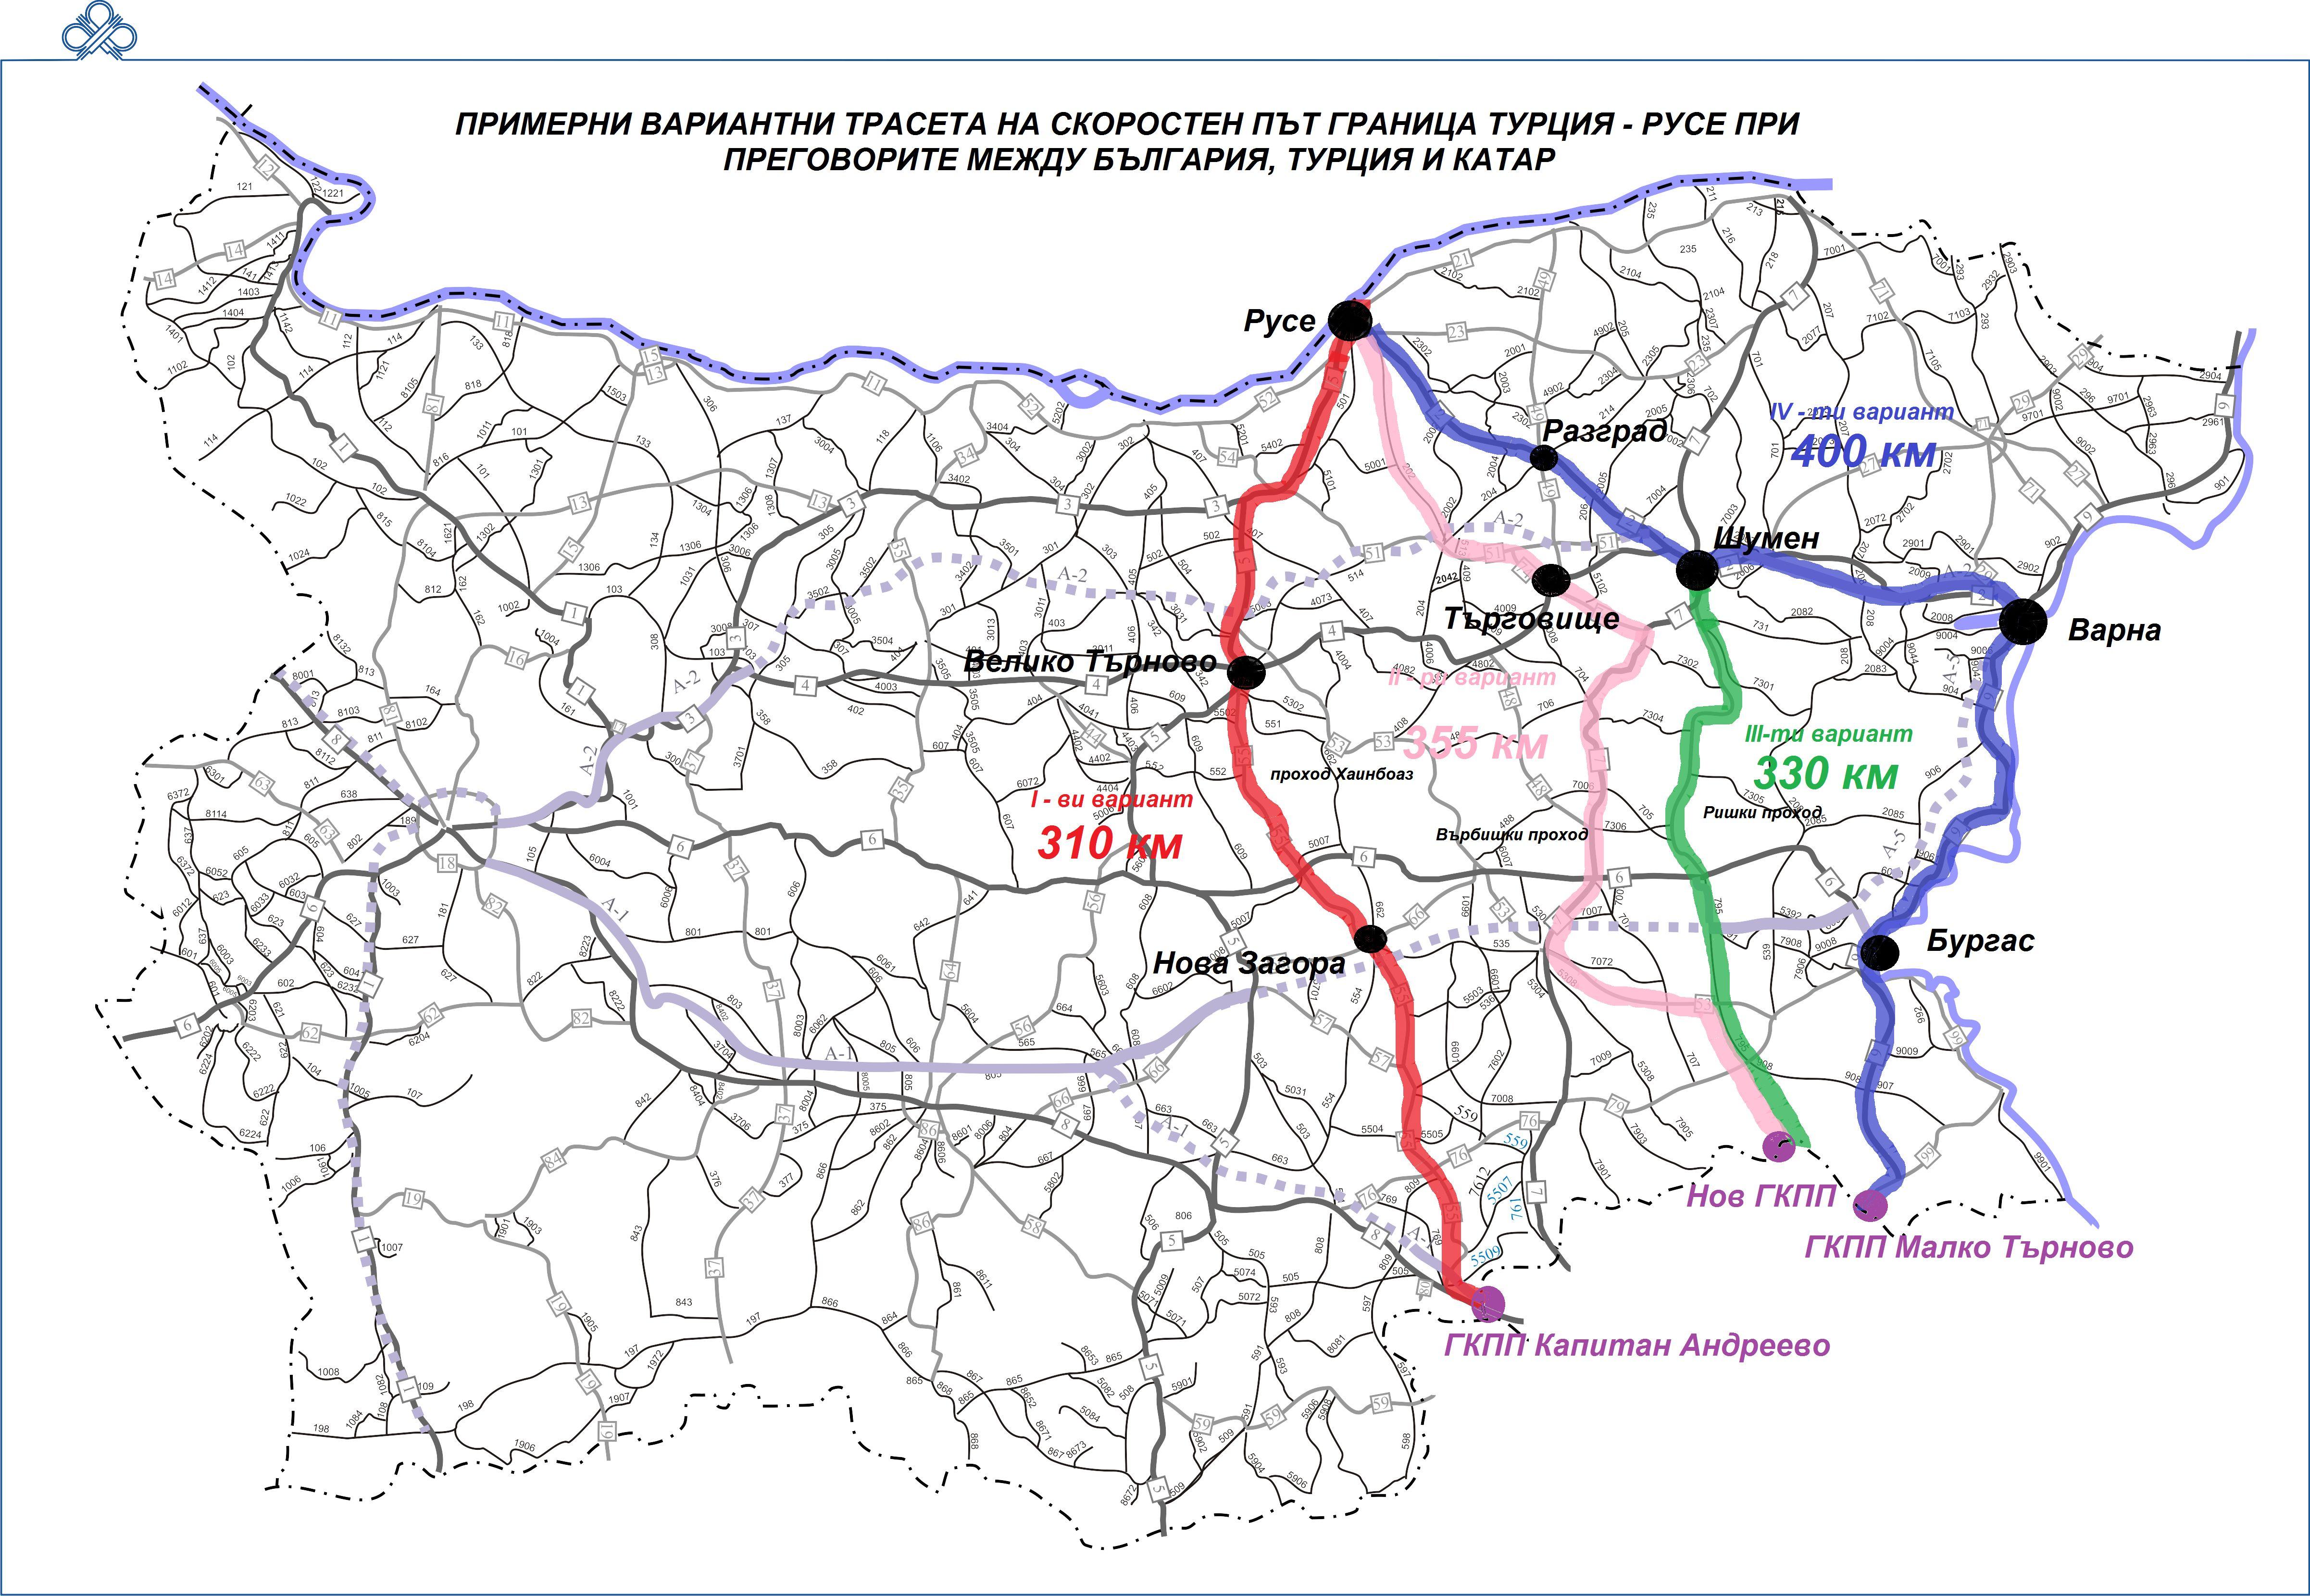 Dimcho Mihalevski Pokaza Karta Na Skorostniya Pt Ruse Svilengrad